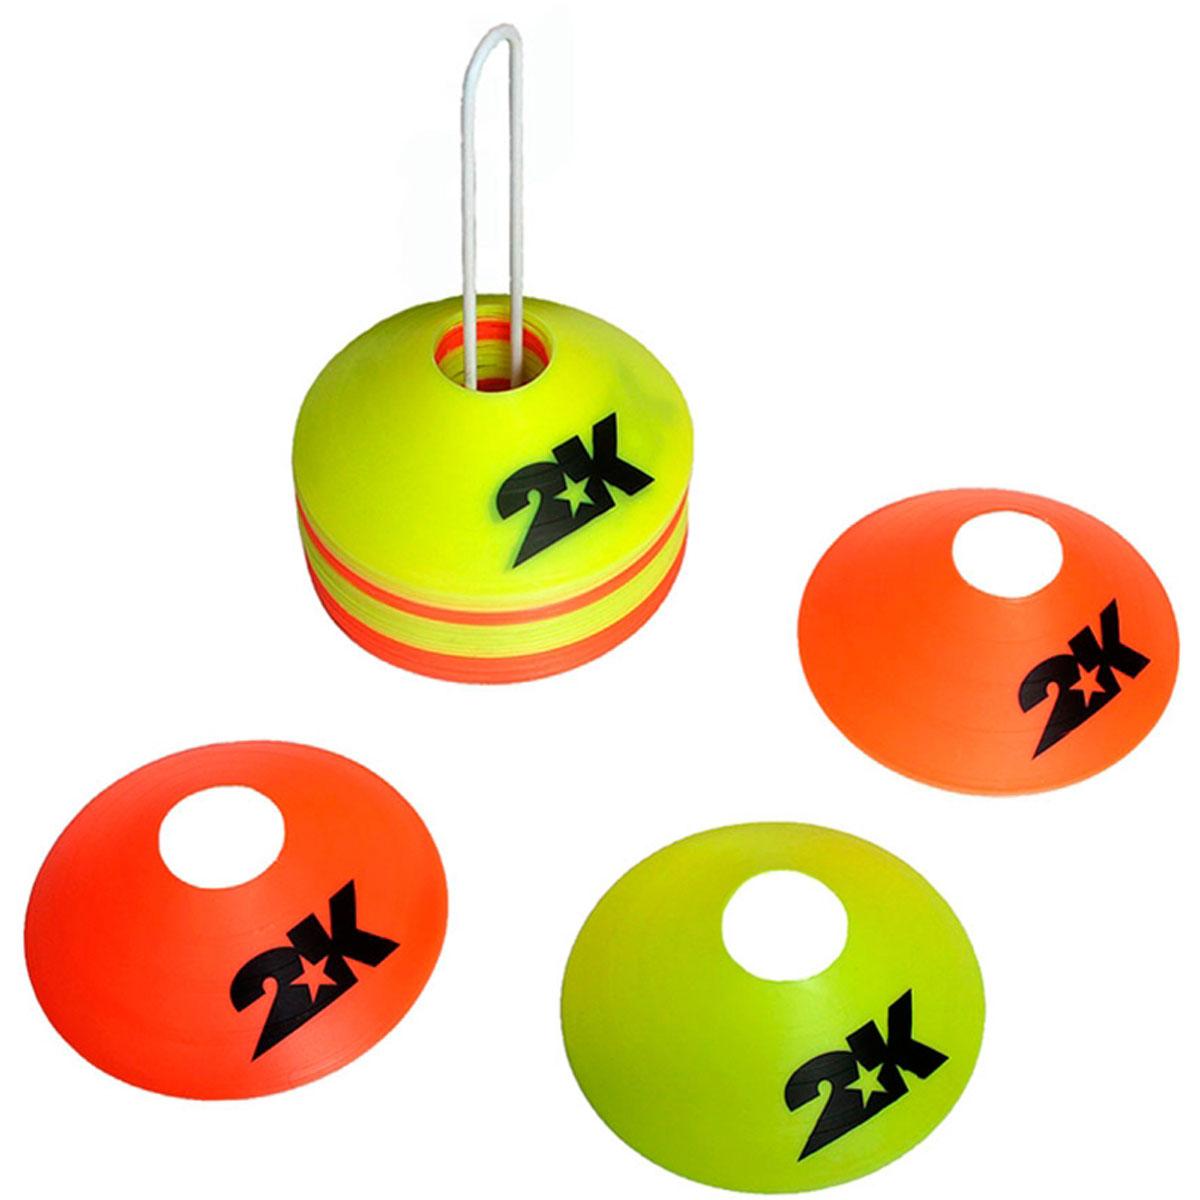 Комплект конусов 2K Sport, цвет: желтый, оранжевый, 40 шт230_604Комплект тренировочных конусов 2K Sport применяется для разметки на поле. Изделия выполнены из прочного пластика.В комплект входят сорок конусов двух цветов и подставка.